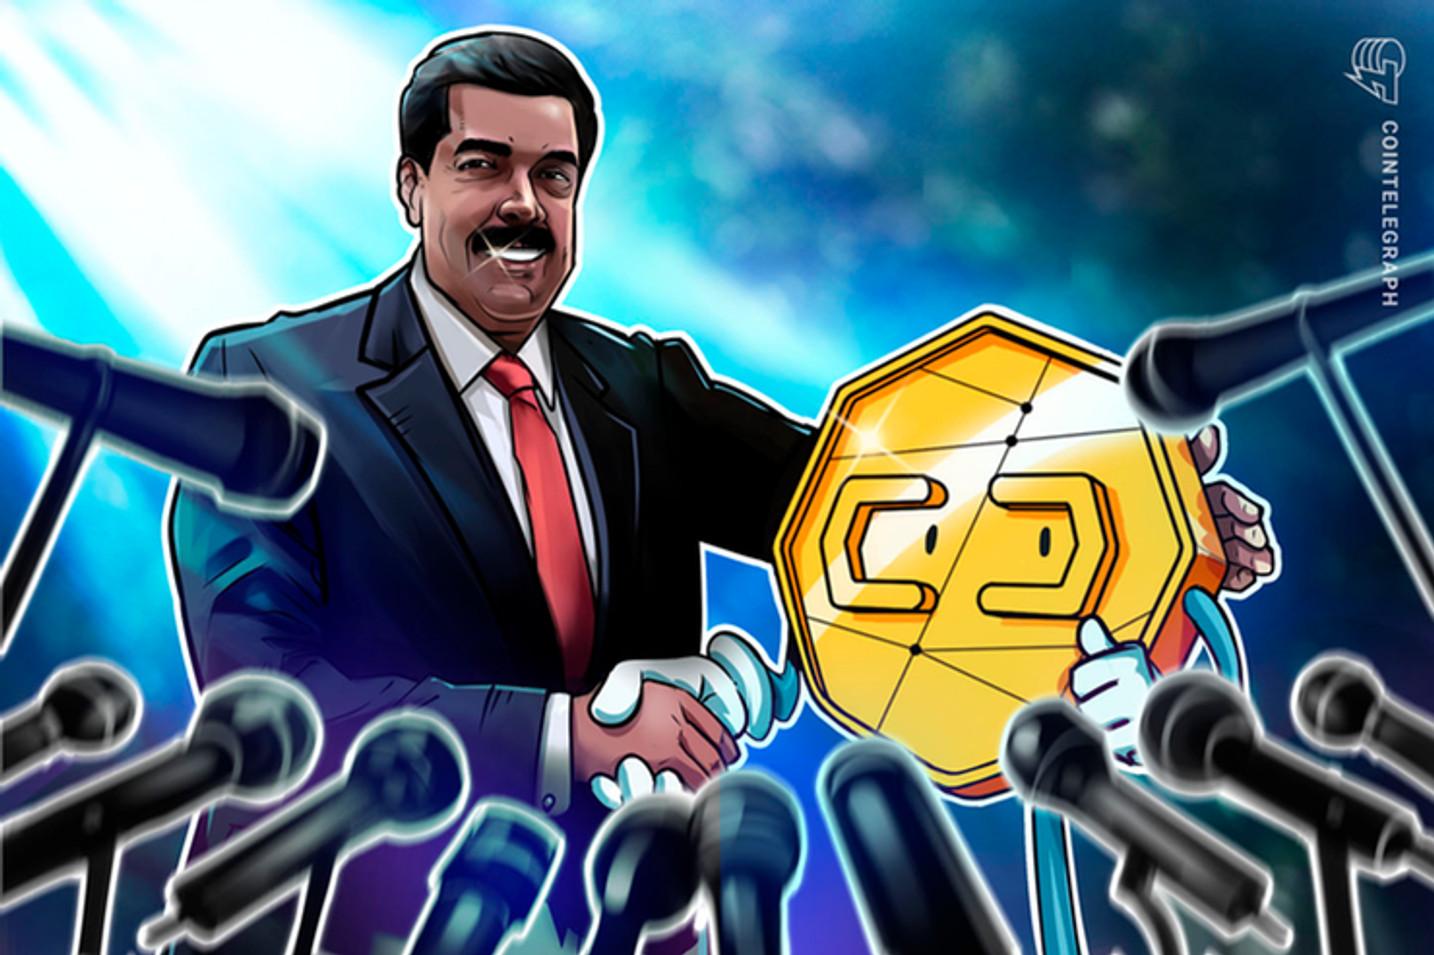 Venezuelanos começam a usar o Petro, criptomoeda da Venezuela, que não é aceito em todo o país